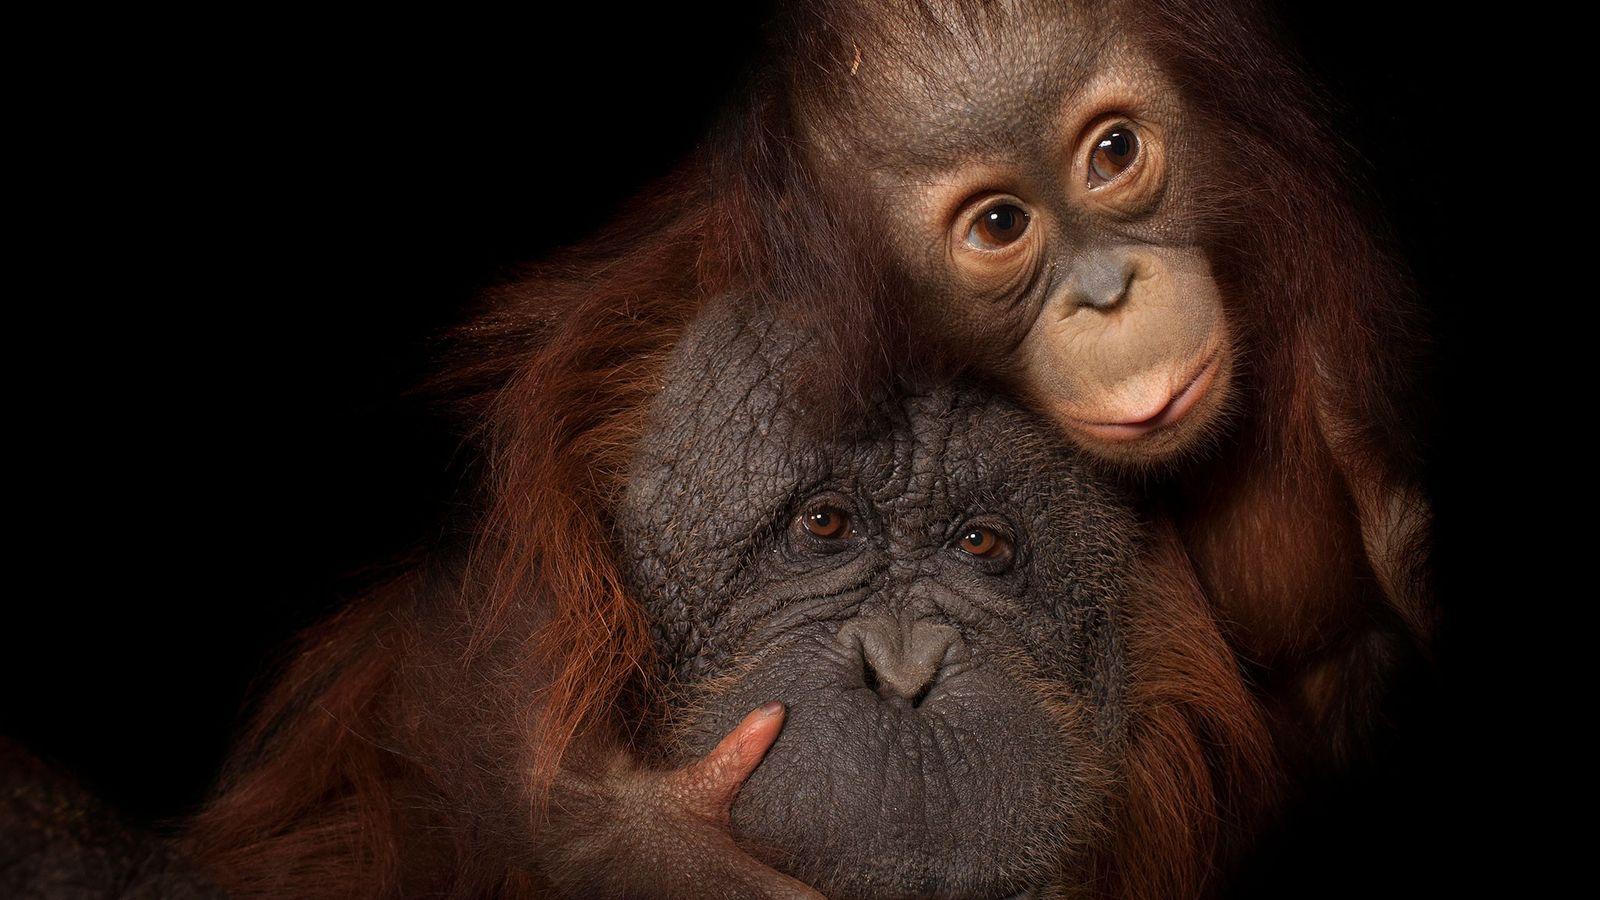 Filhote de orangotango-de-bornéu, espécie ameaçada, com sua mãe adotiva.